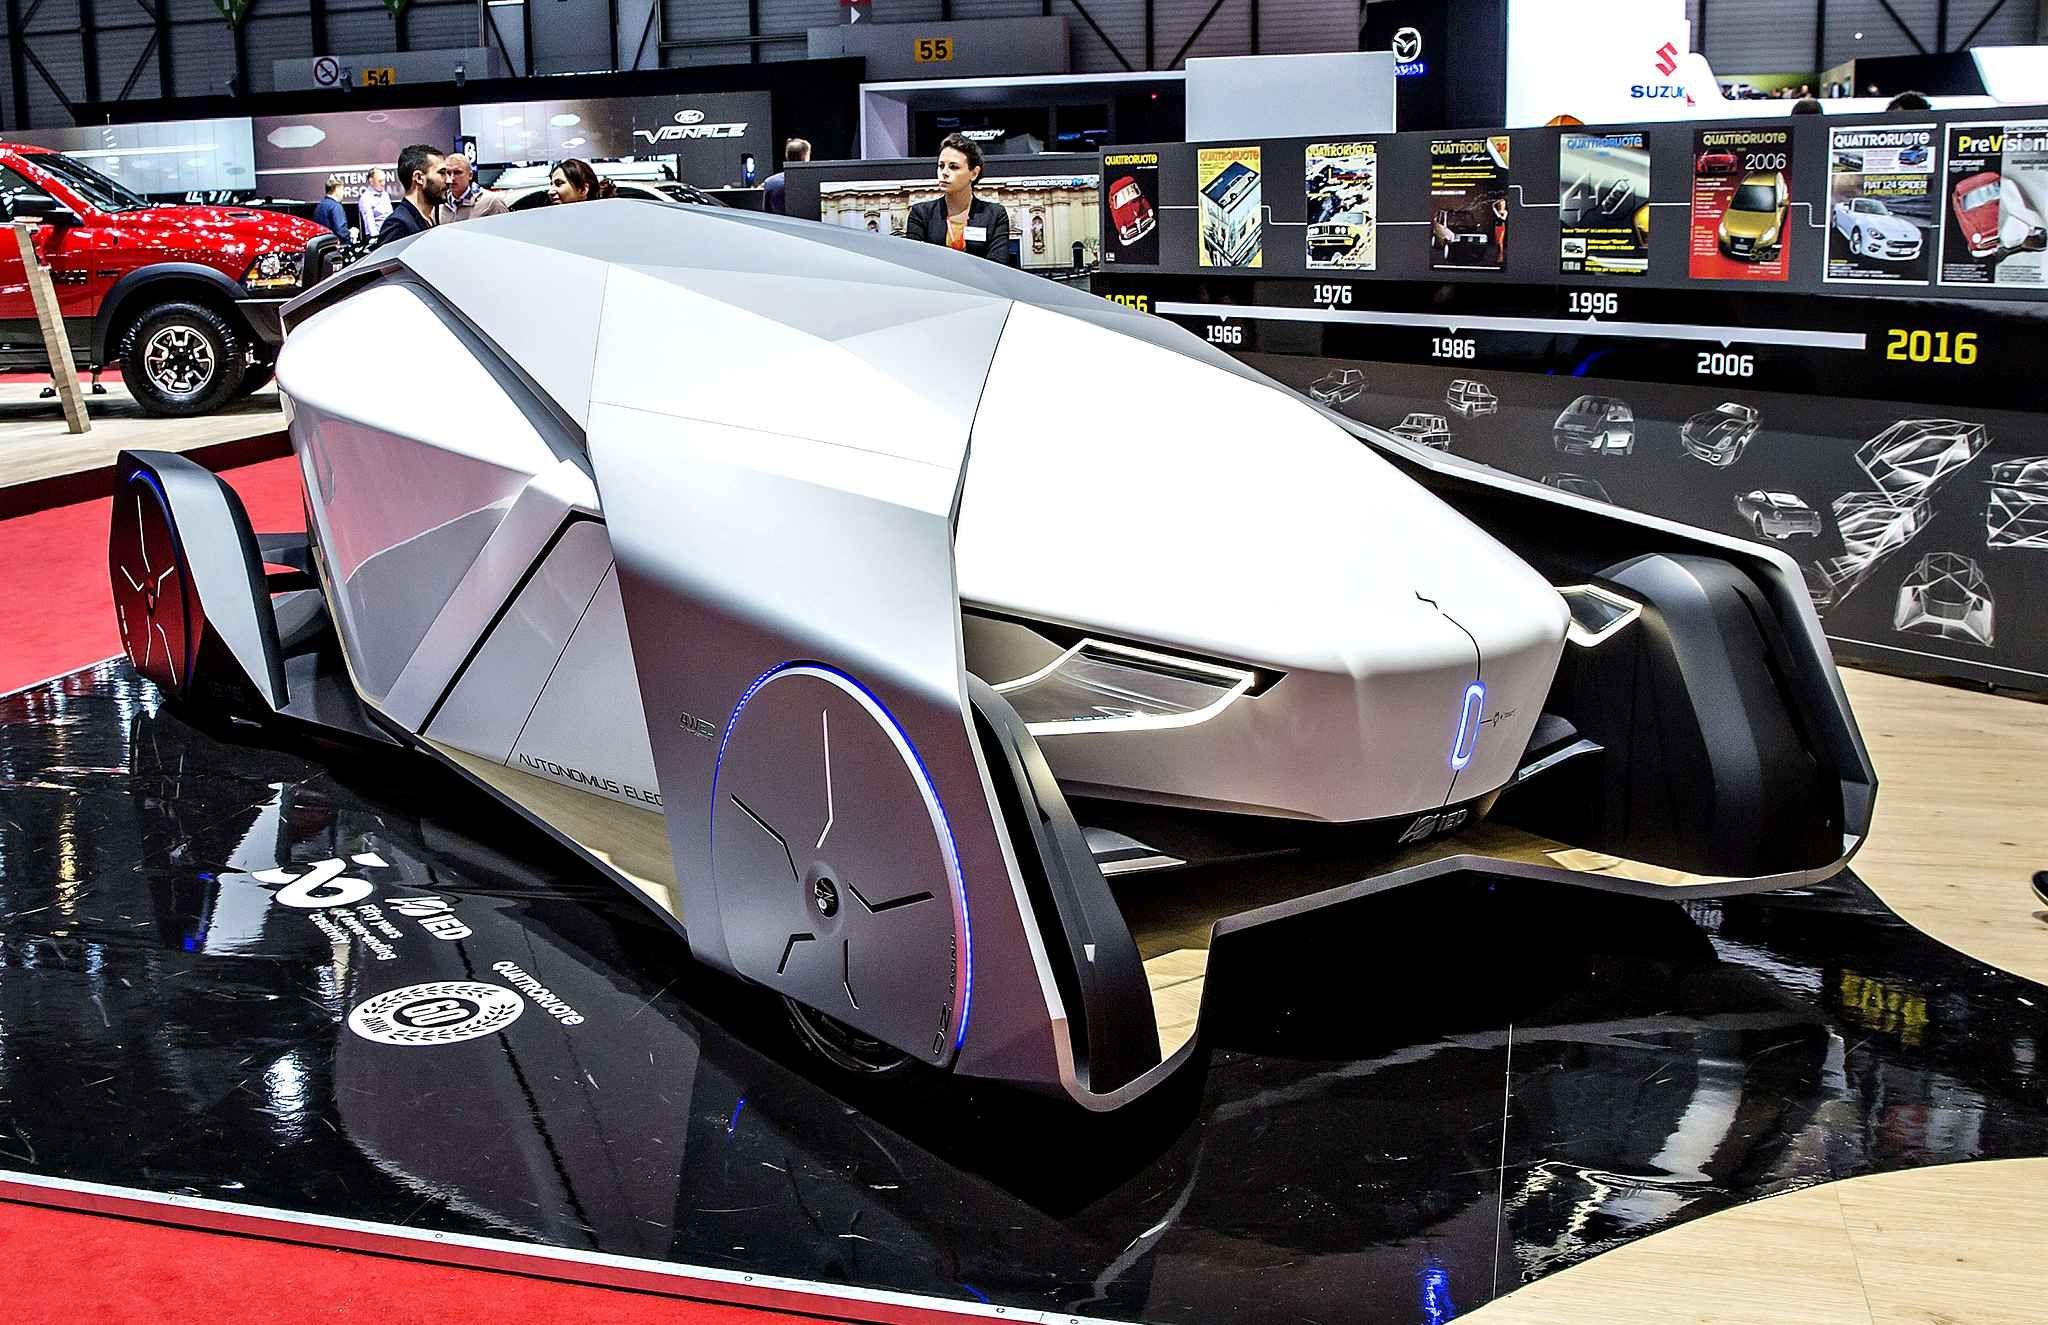 Ce concept car vient de chez IED. Il y a autant un côté Batman qu'un côtécercueil dans cette carrosserie.